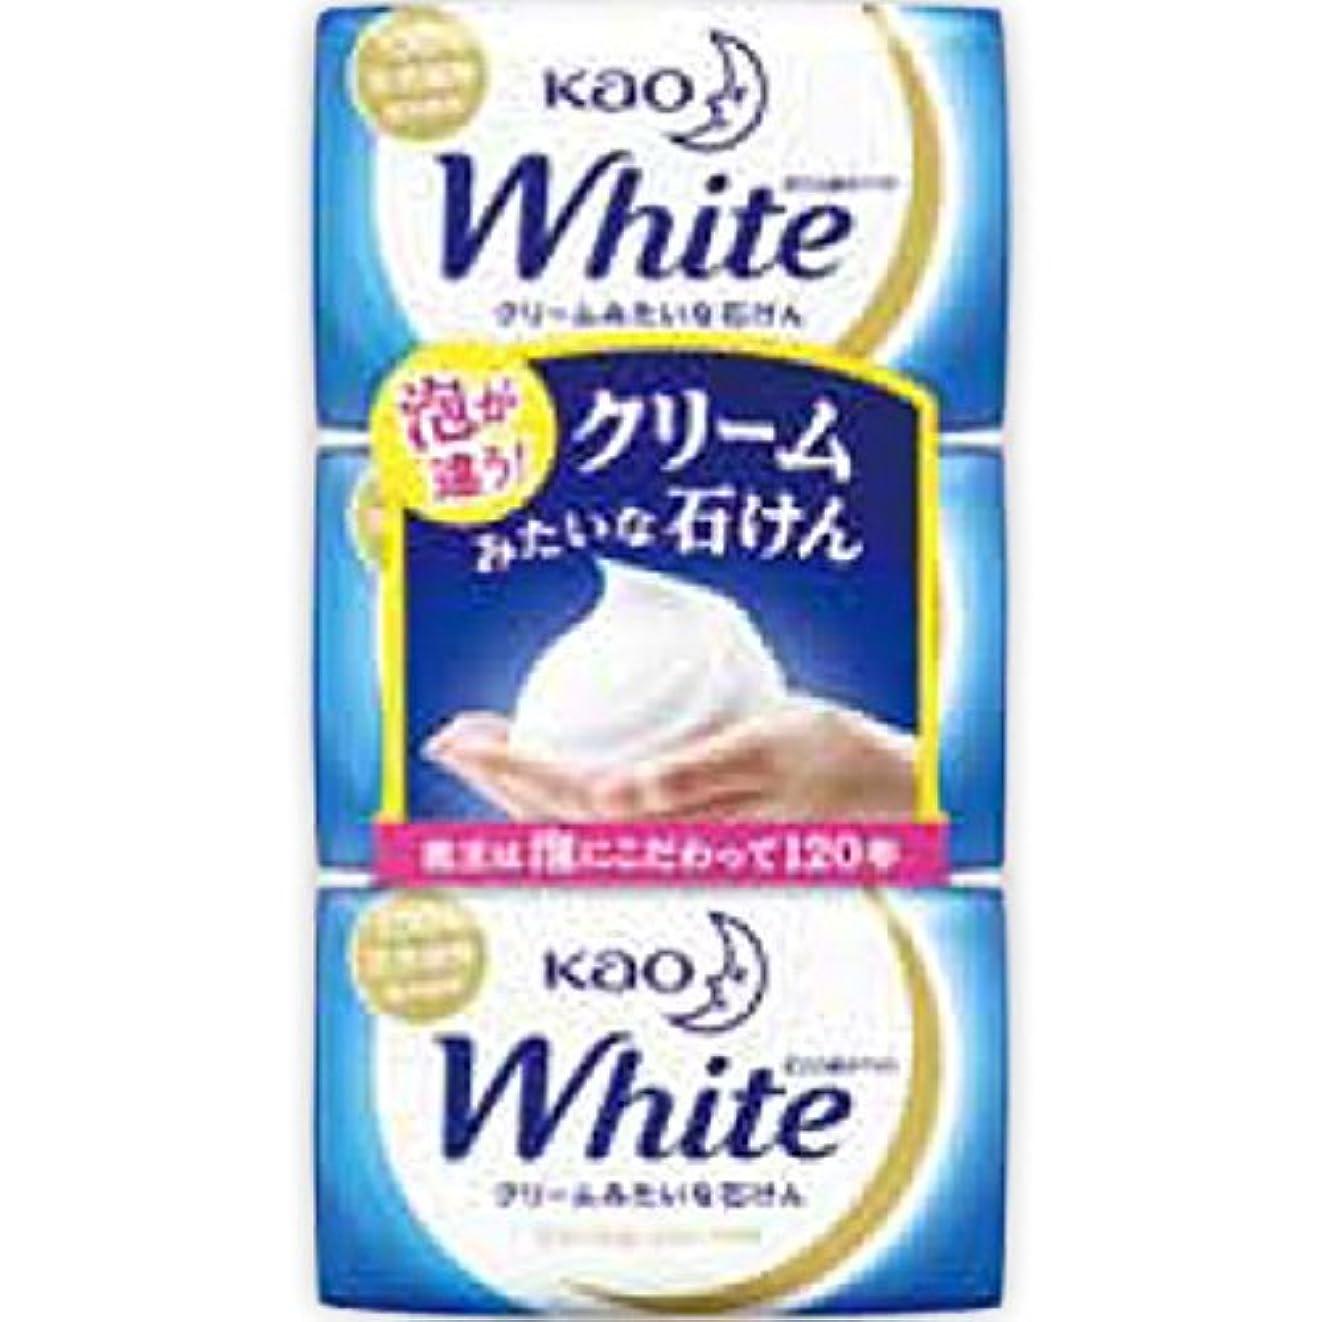 速度急速な効率的花王ホワイト レギュラーサイズ 85g*3個入